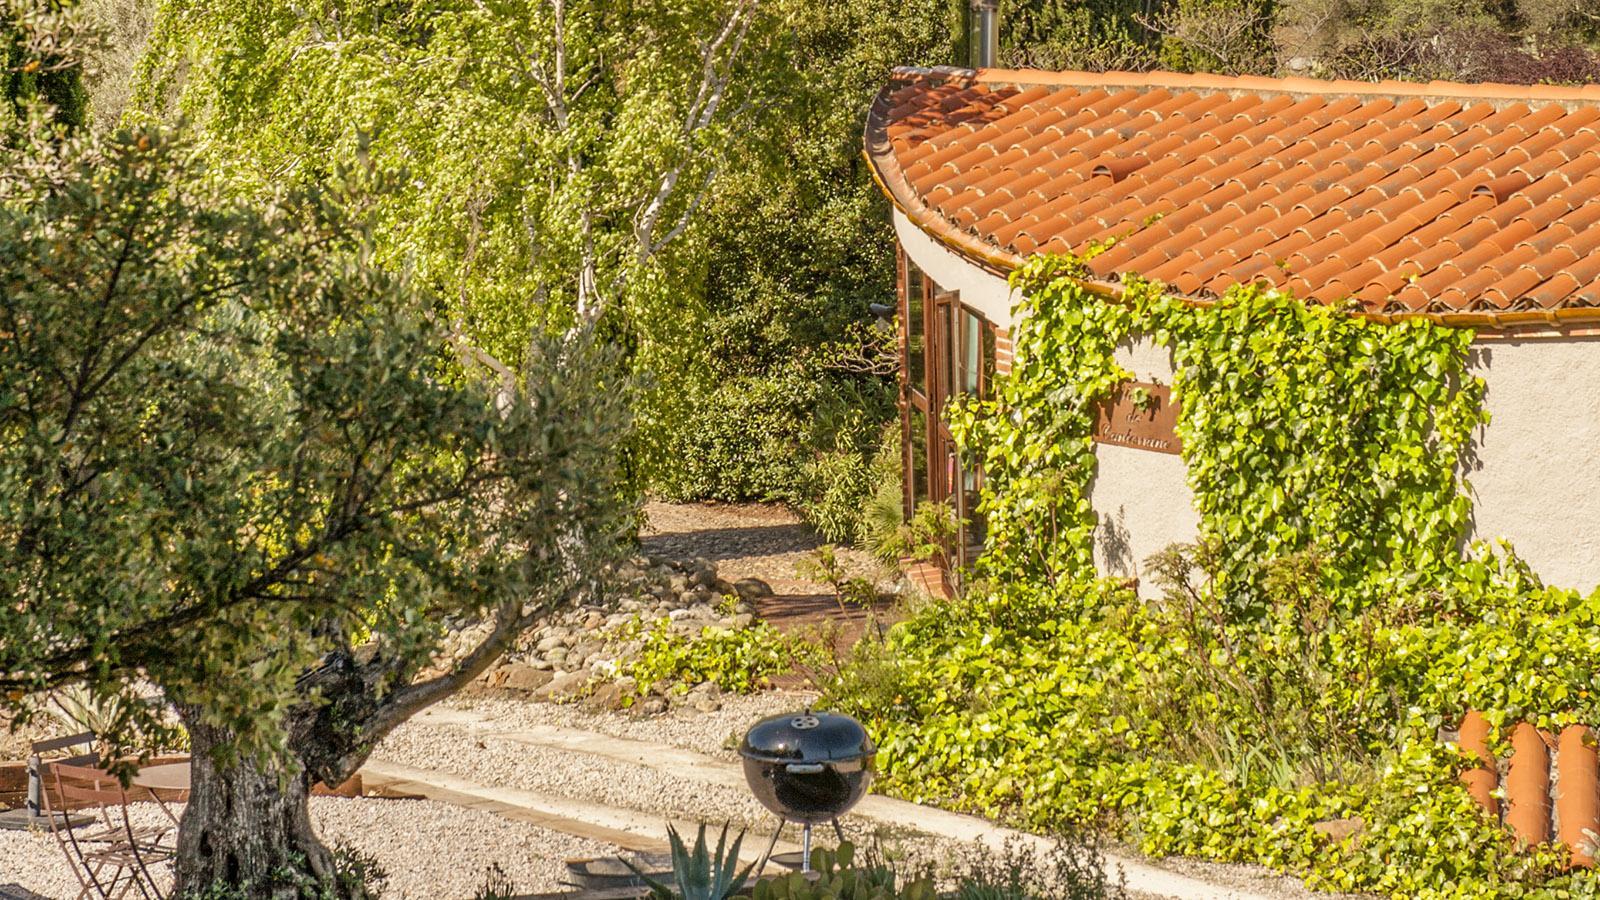 Die zweite Ferienwohnung auf dem Gelände der Moulin de Canterrane. Foto: Hilke Maunder